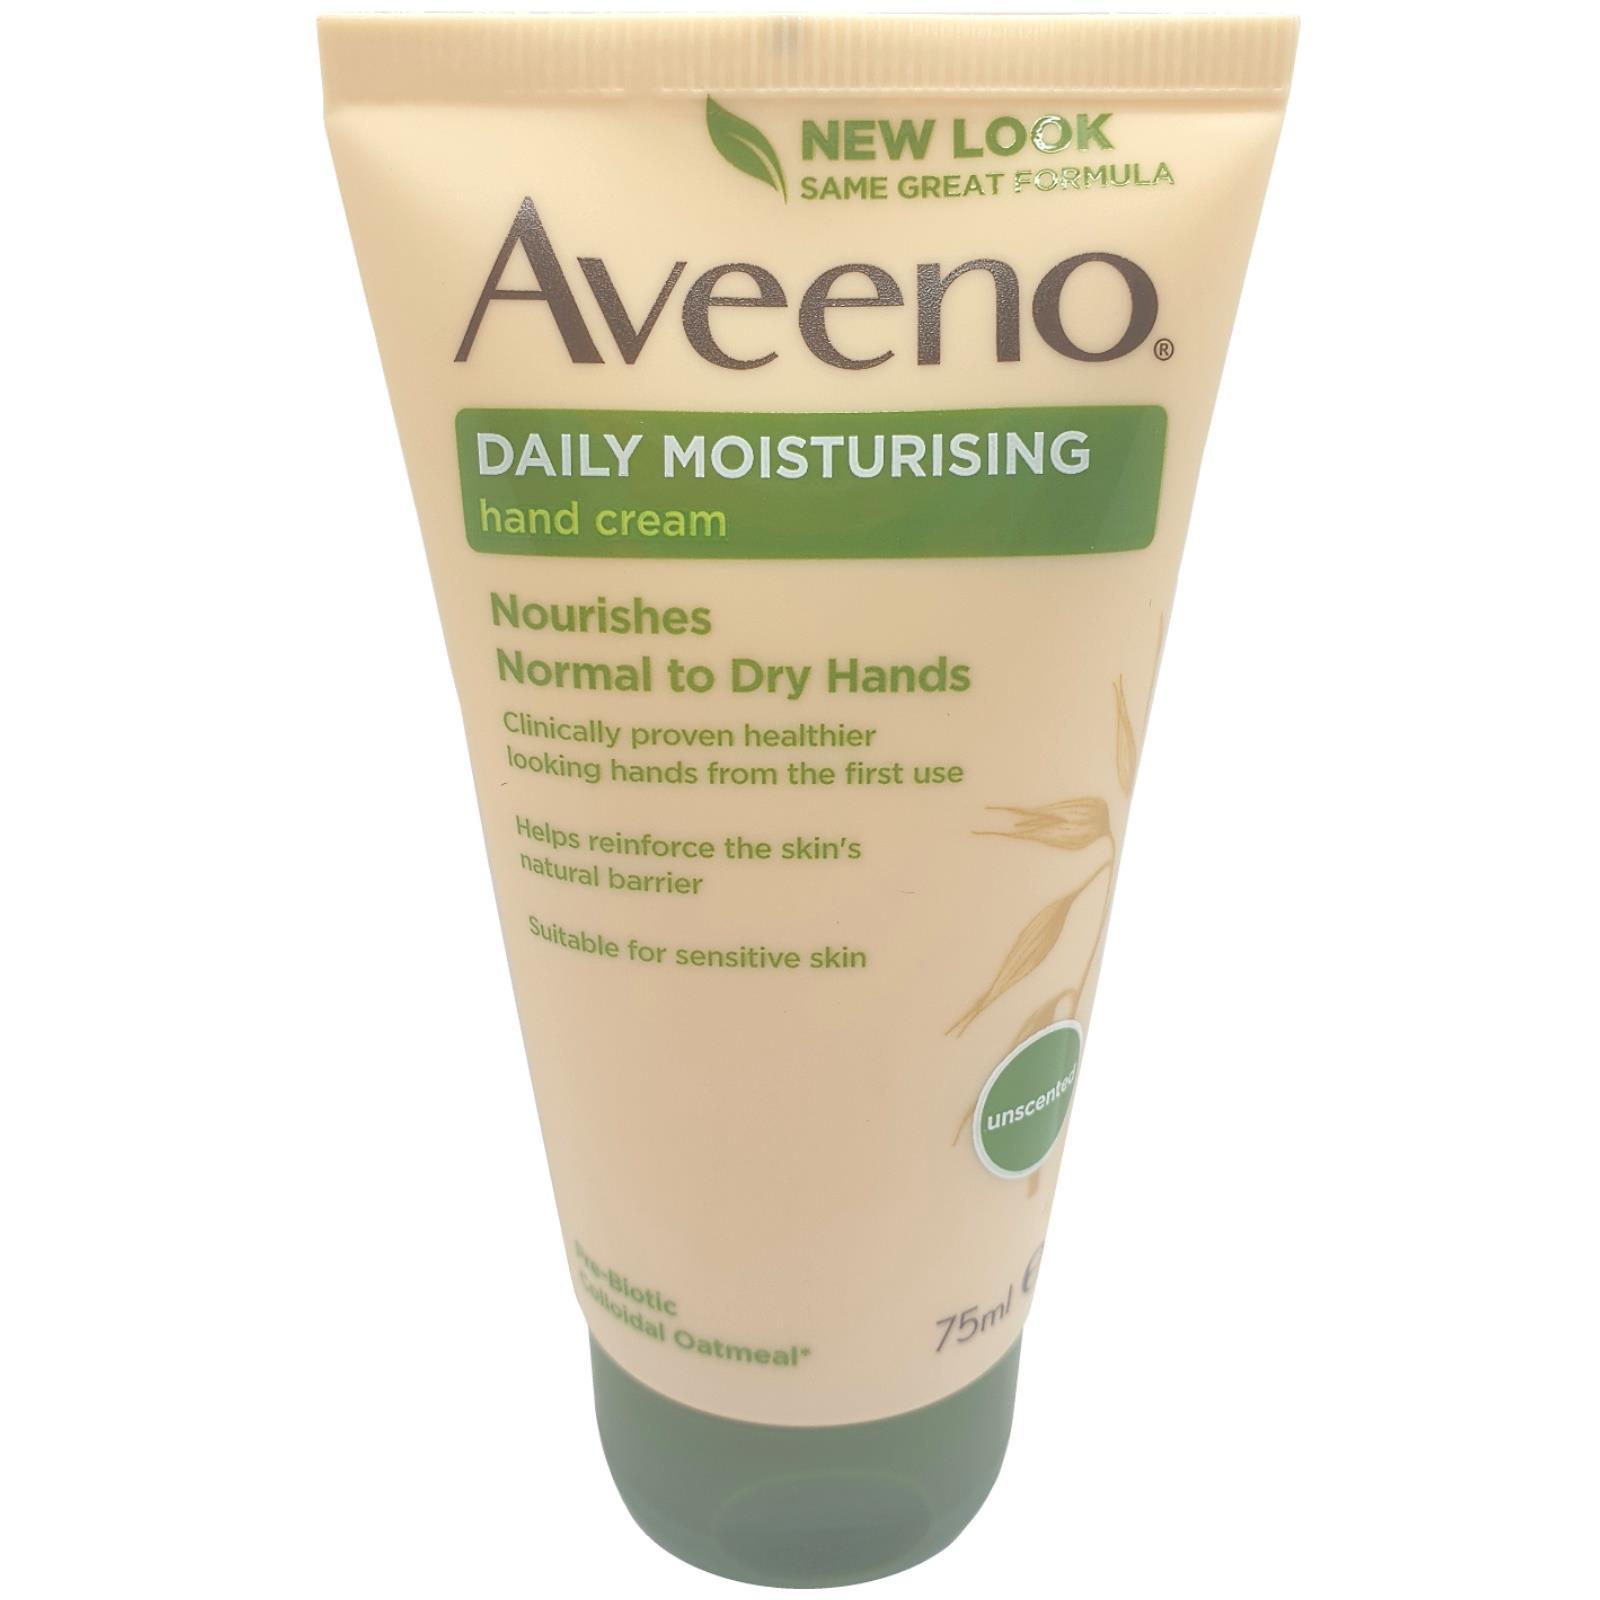 Aveeno Active Naturals Daily Moisturizing Hand Cream 75ml